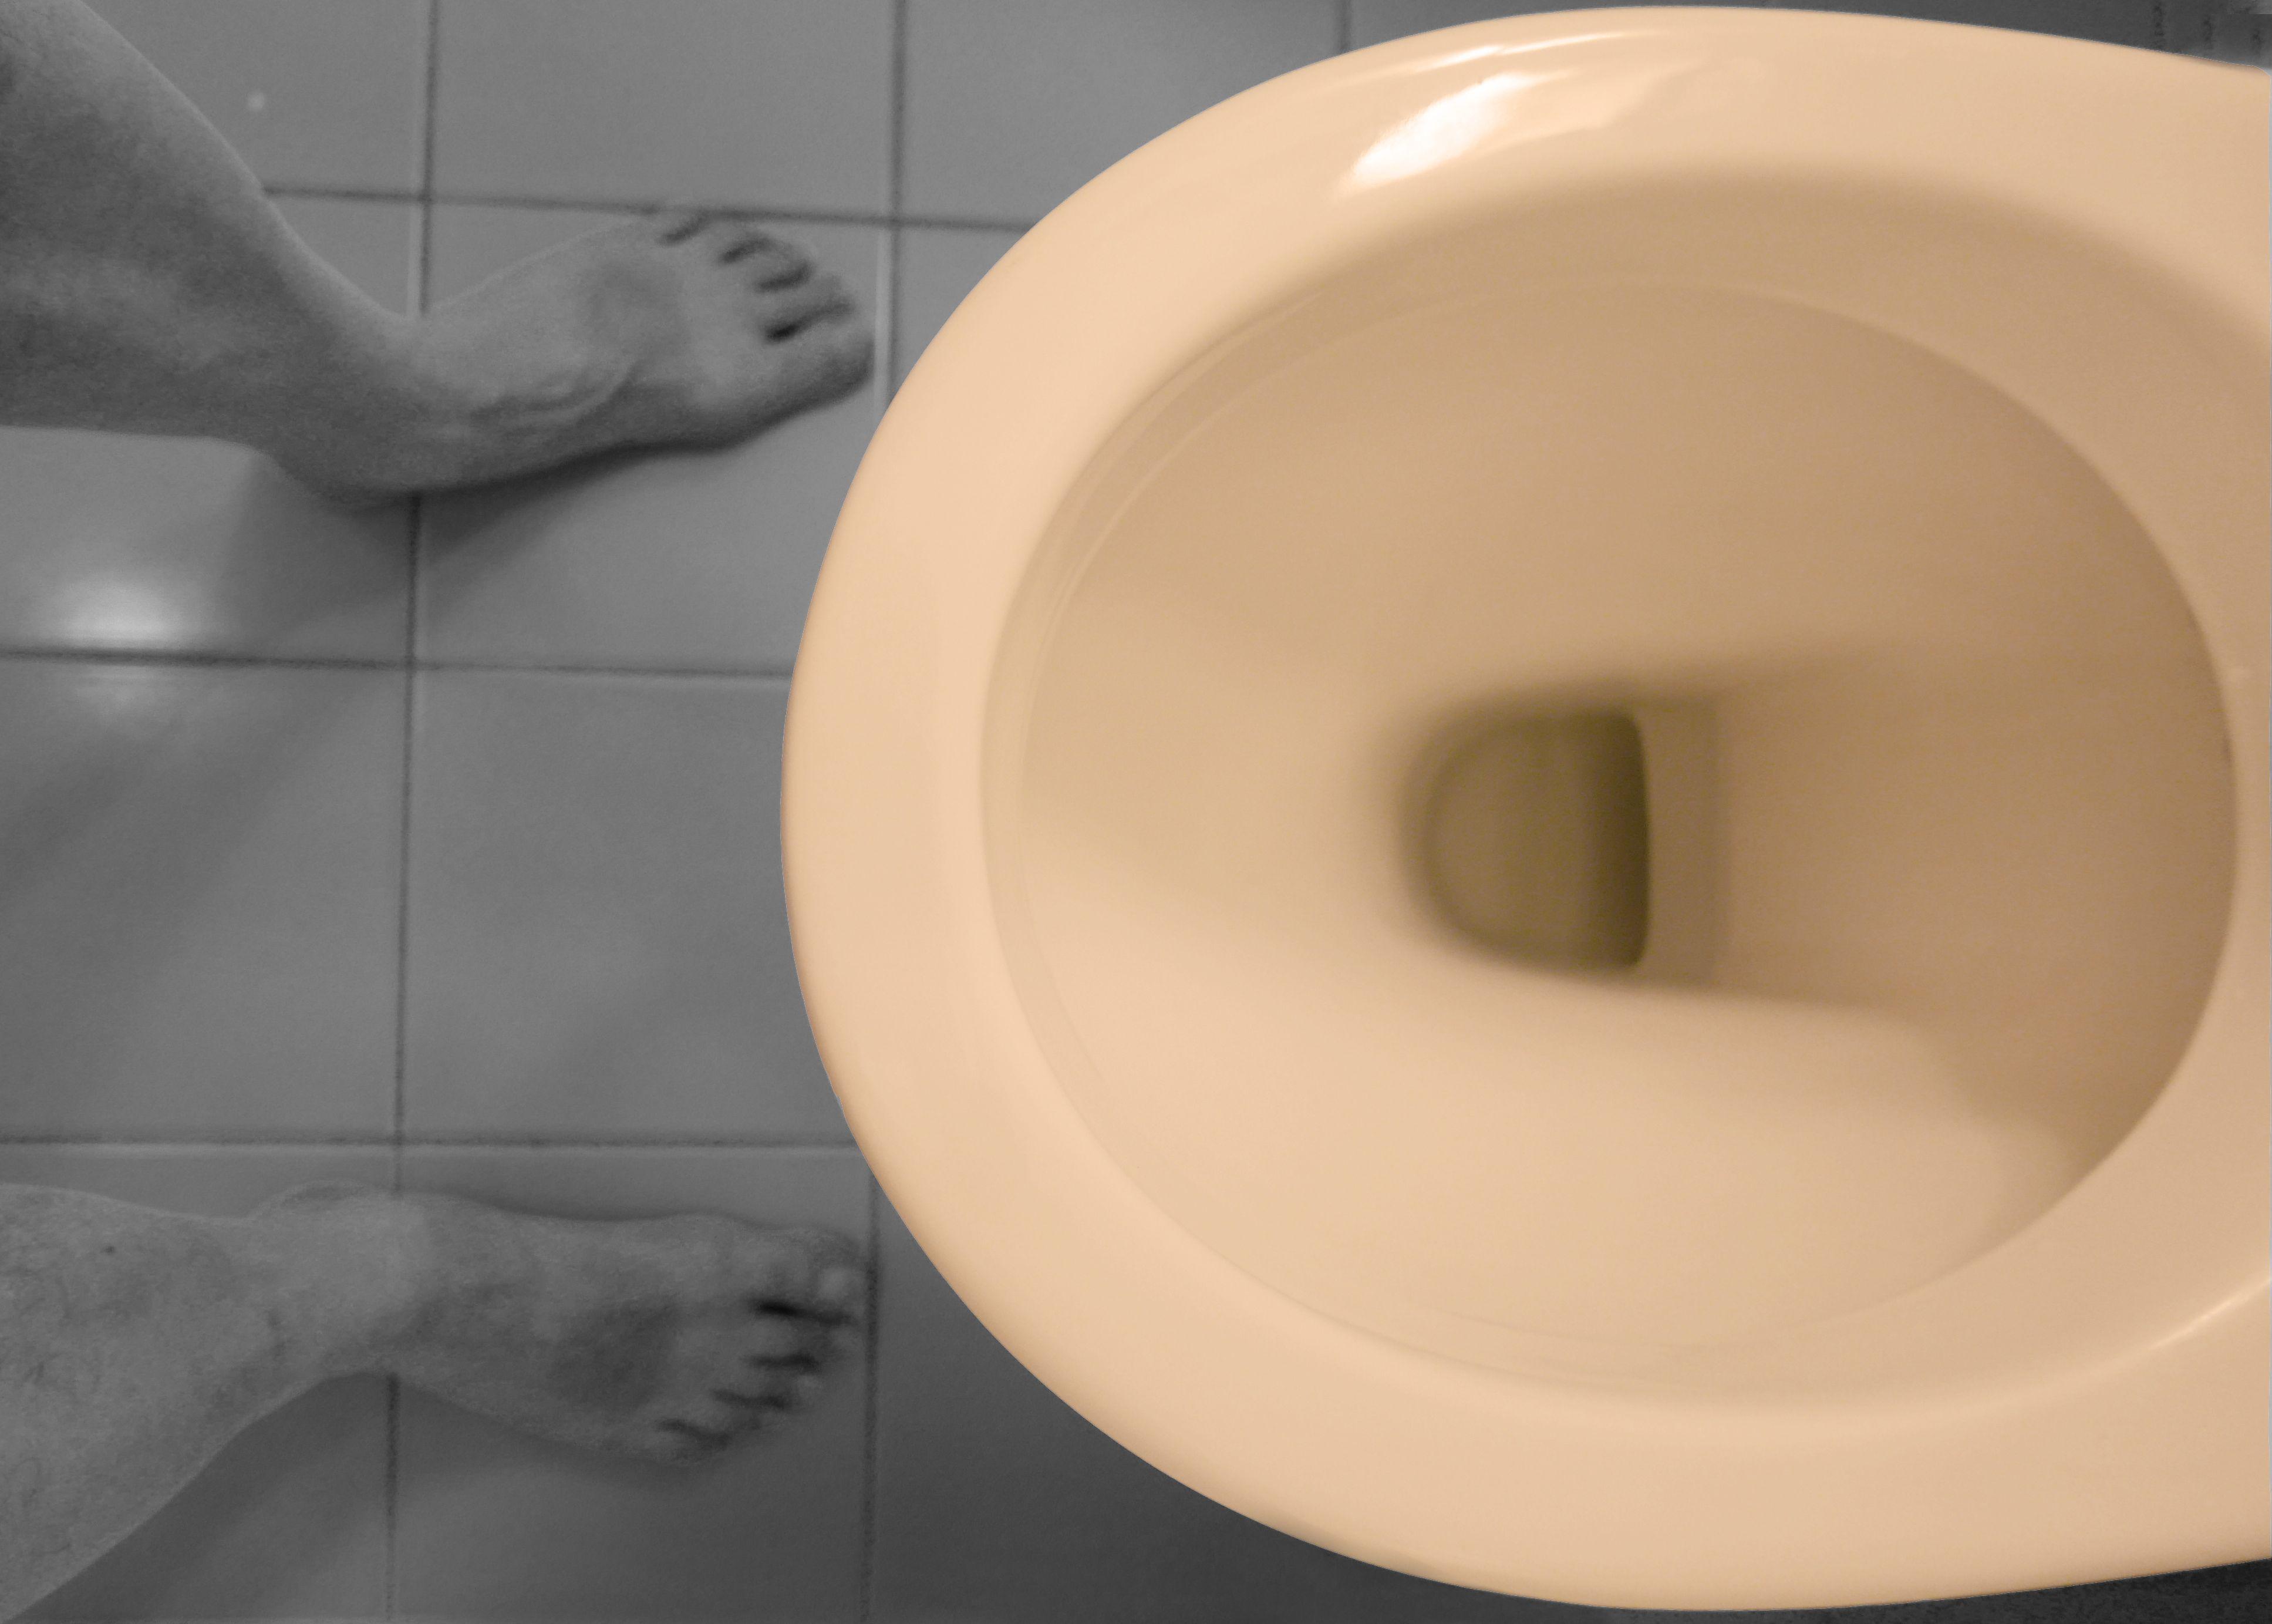 New Toilet Coating Repels Crap